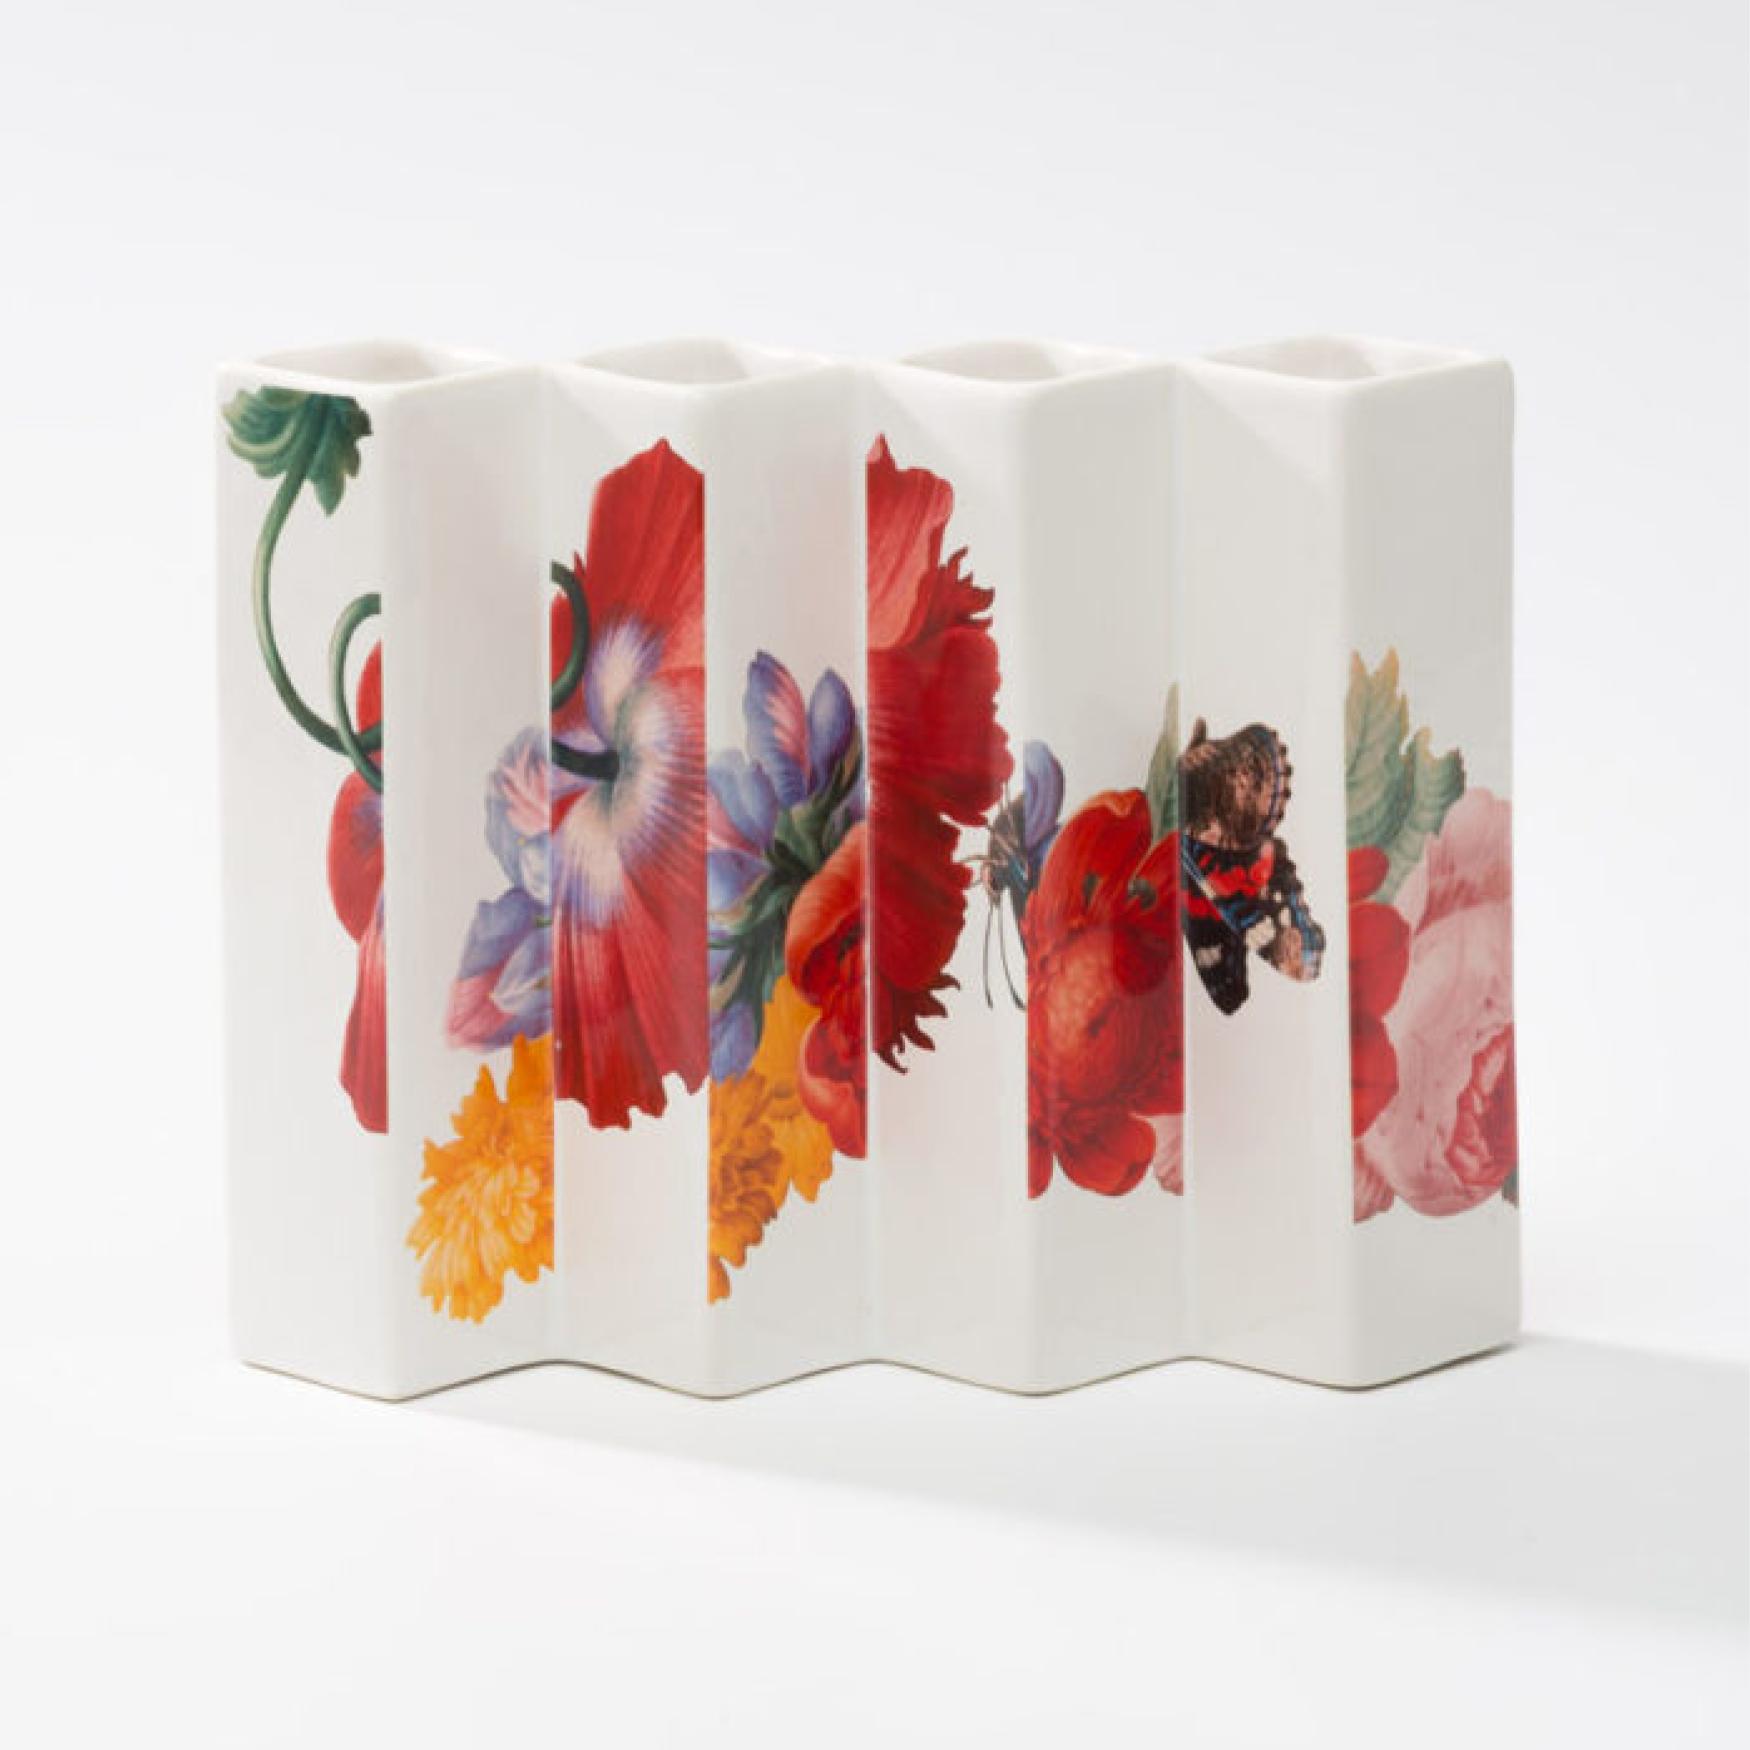 Dianthus-Flowers-Gallery-Vases-1902-8.jpg